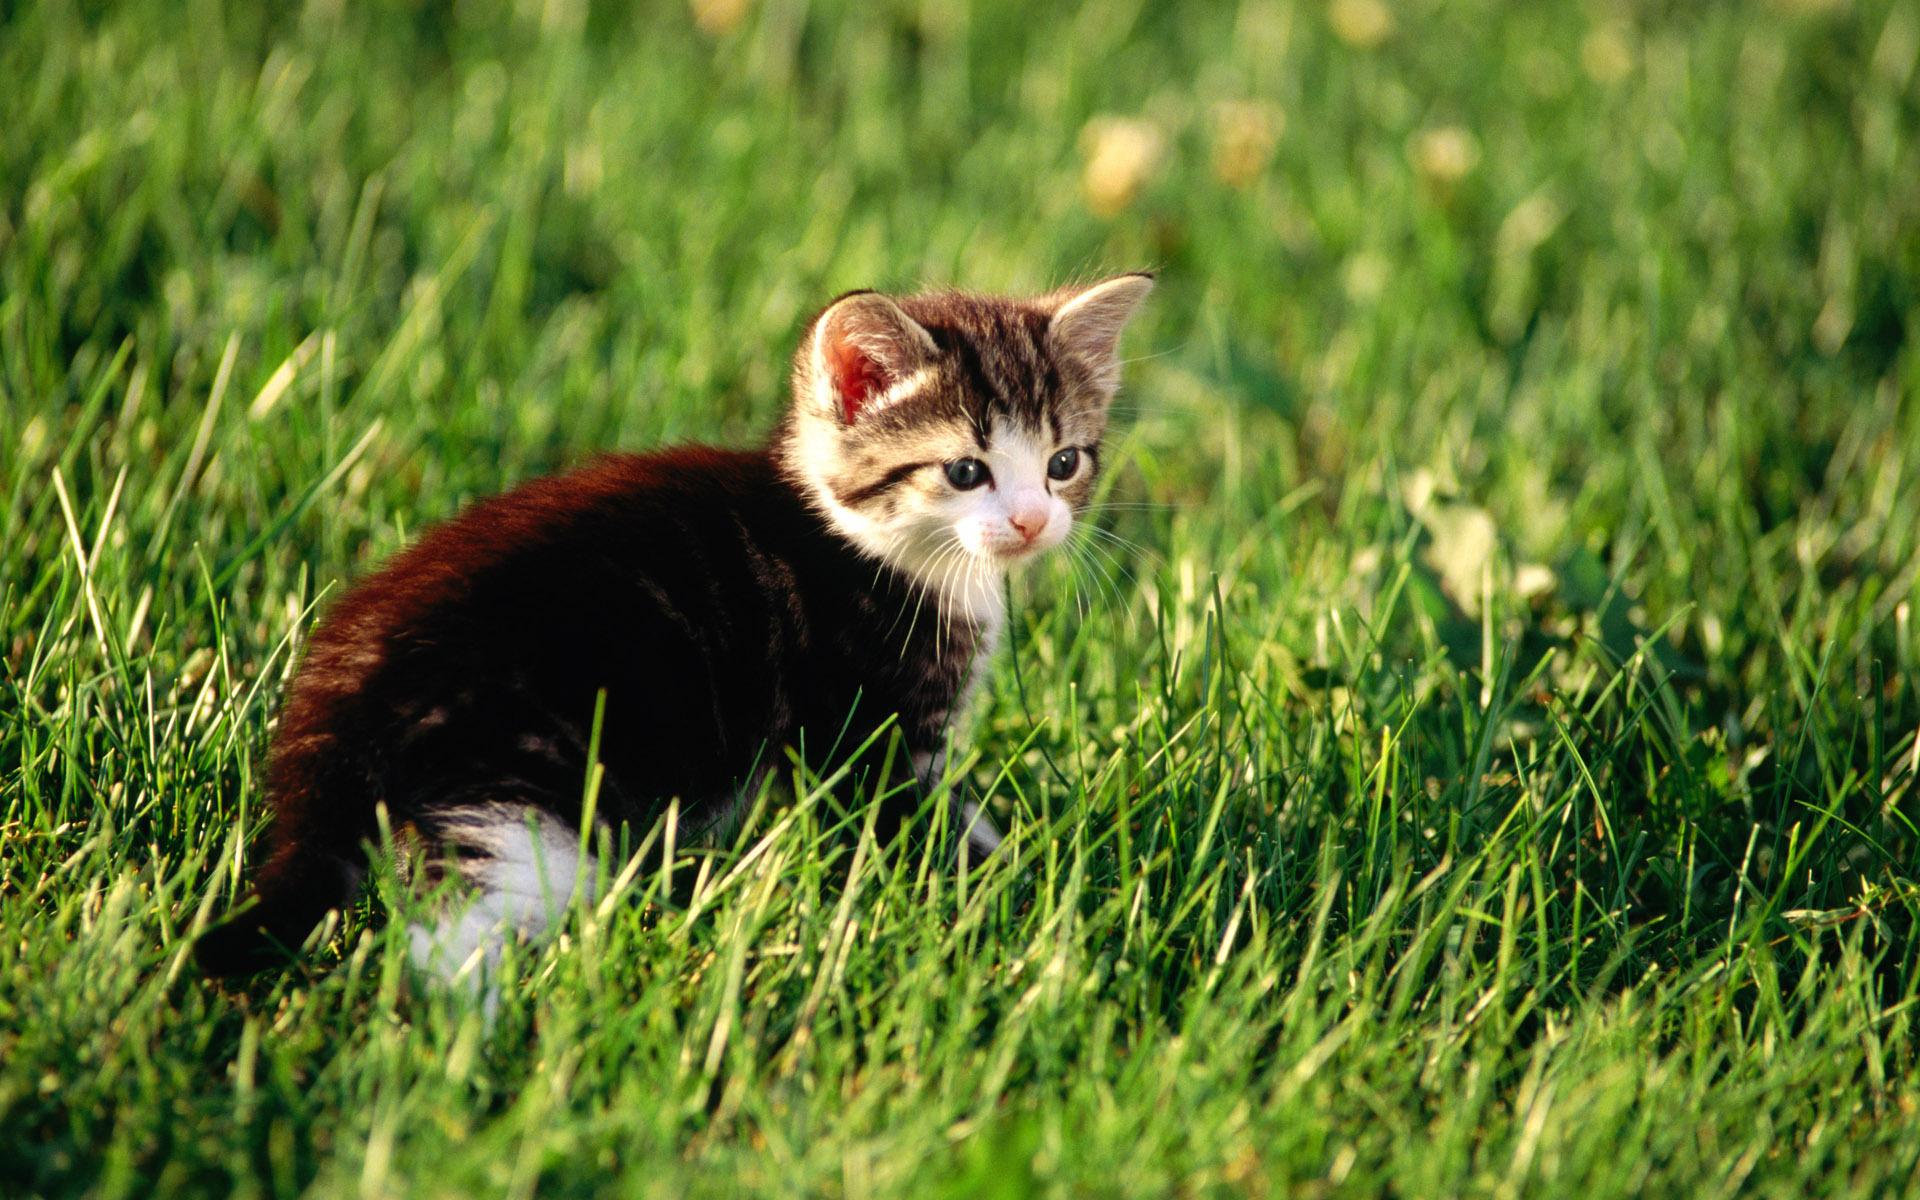 Картинка котенка в траве